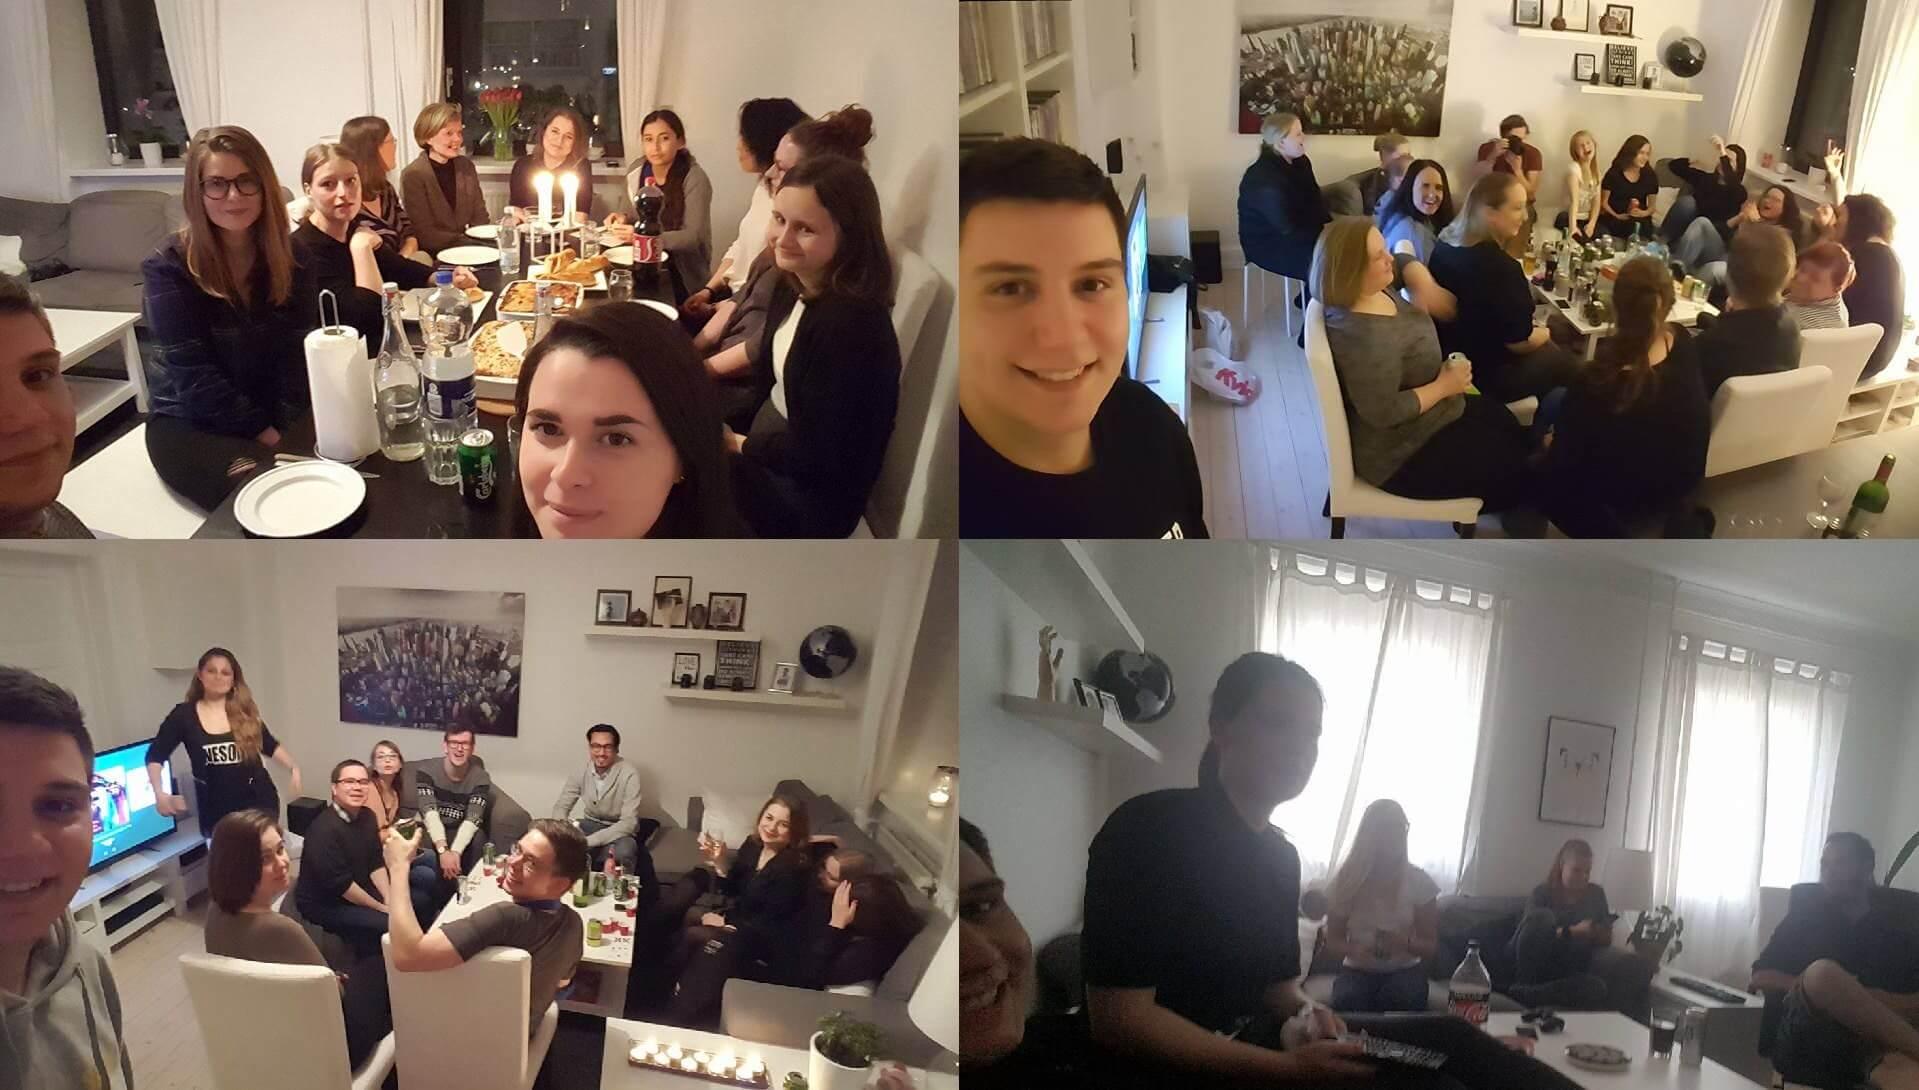 guy invites 100 strangers to his flat 4 (1)